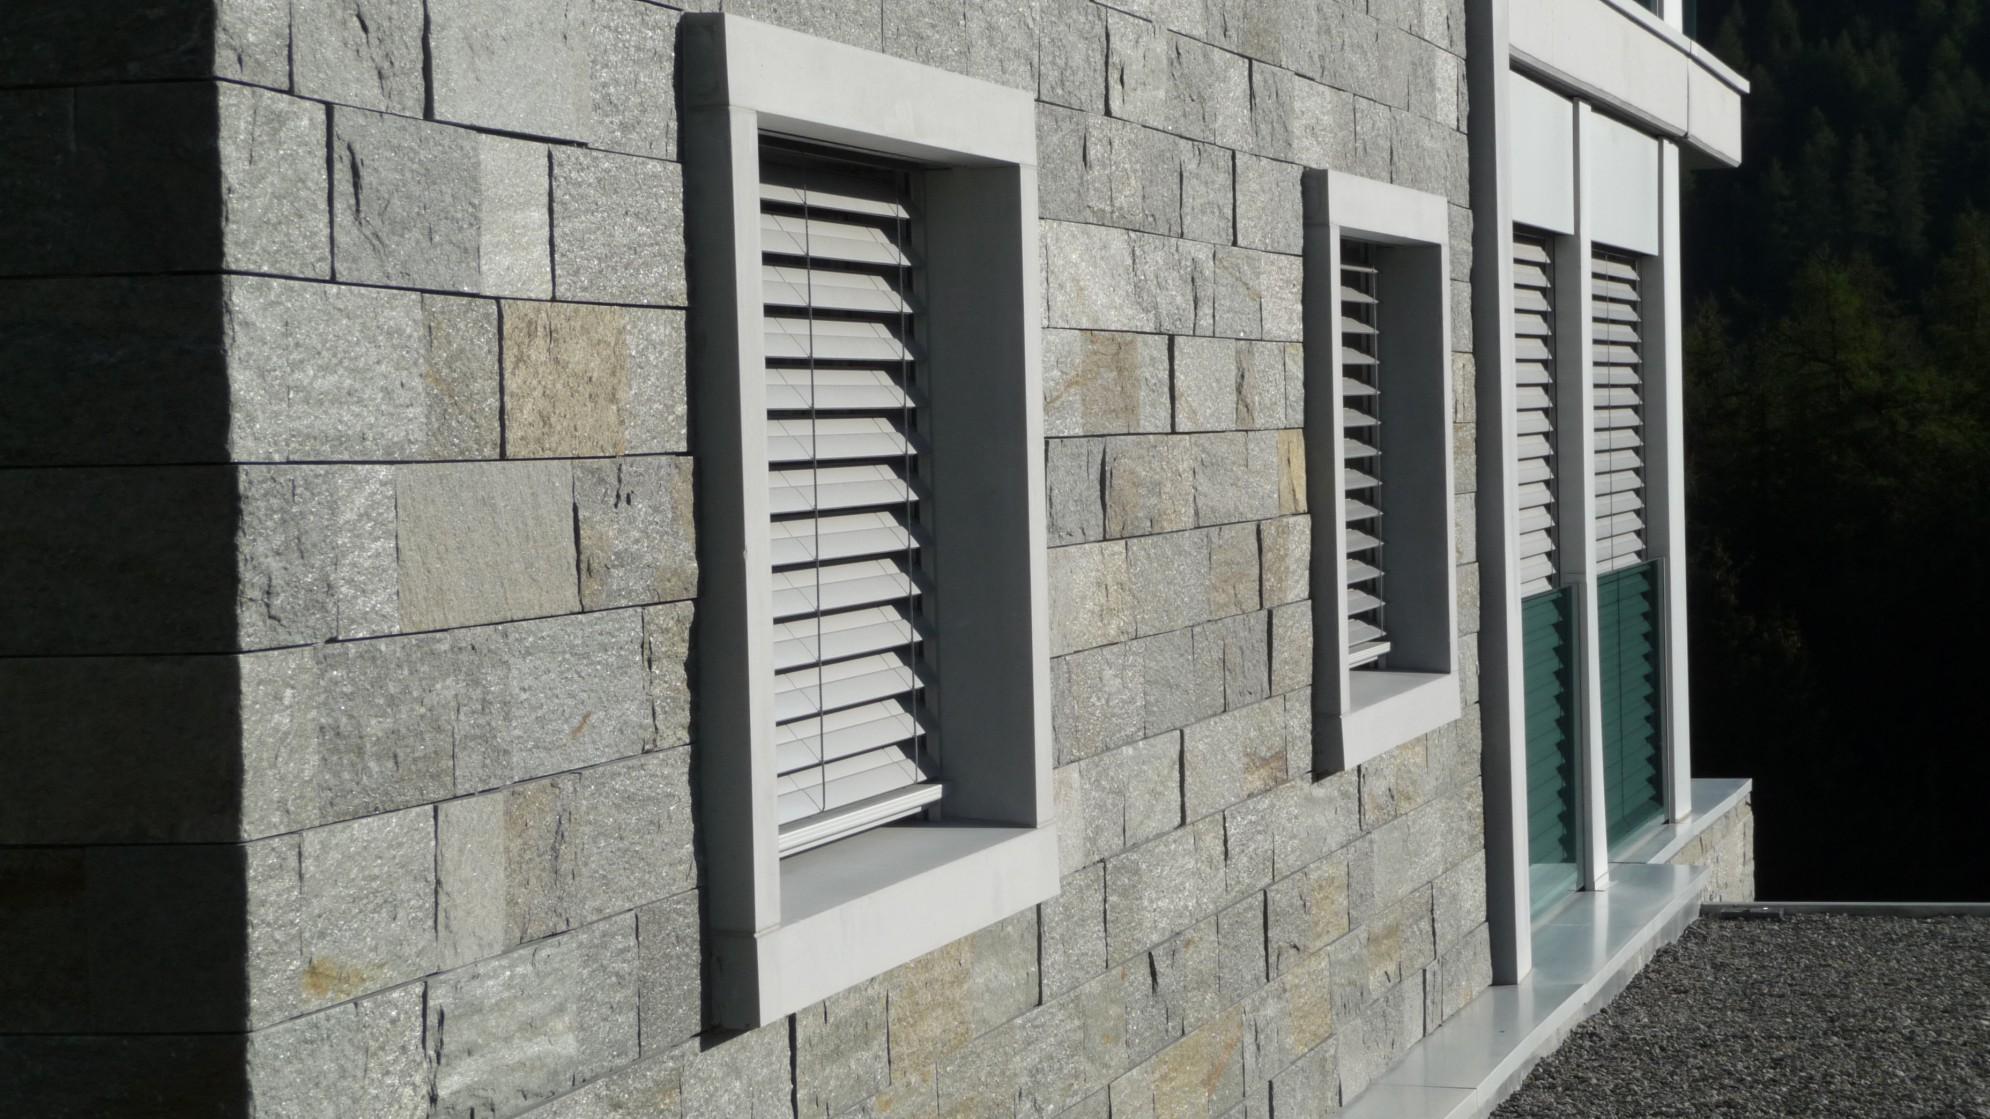 facciata di un edificio in marmo della Valmalenco